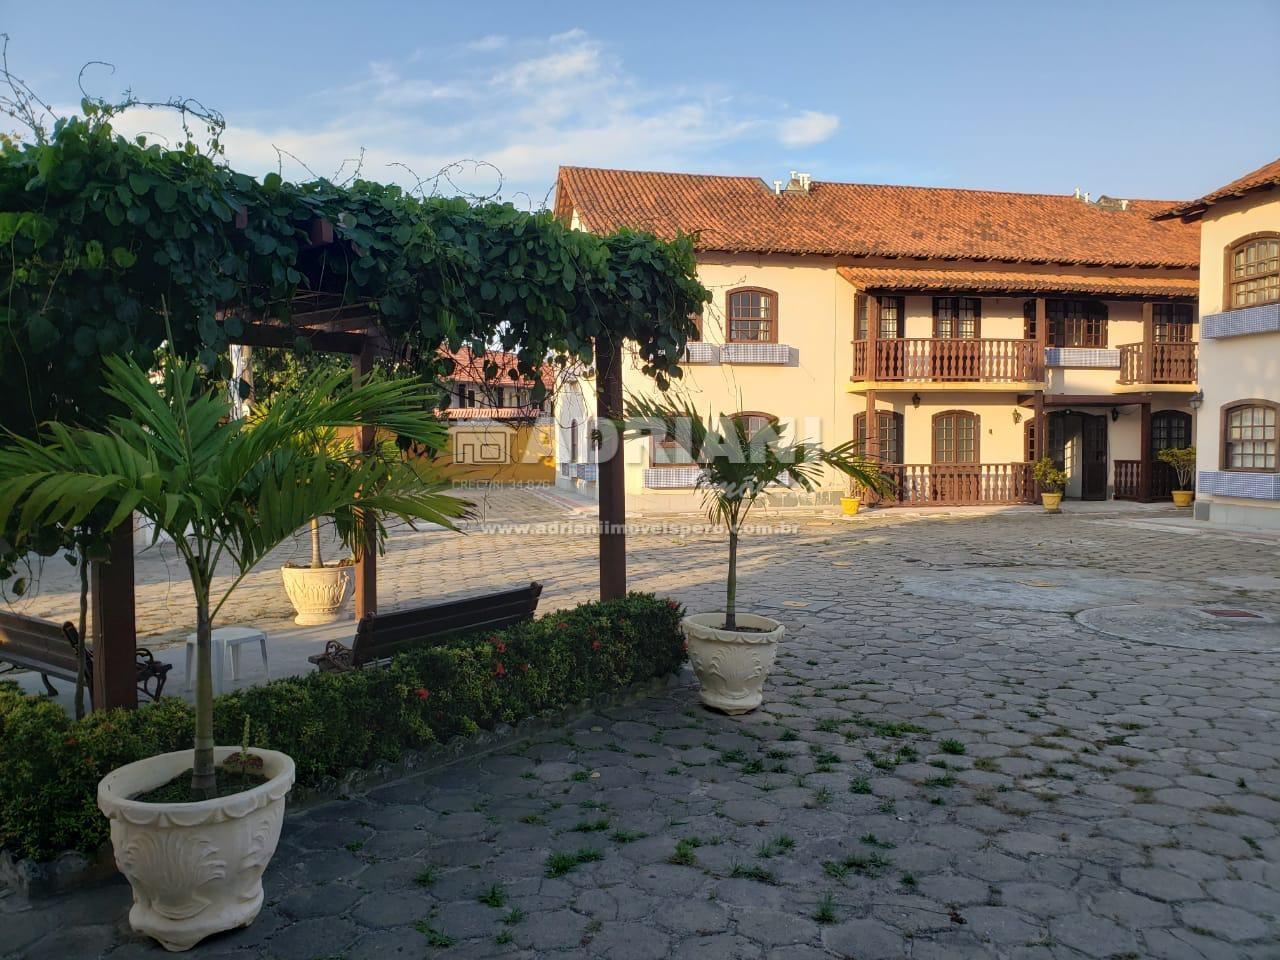 Cód.: 458 Casa em condomínio com 2 quartos, VENDA, Praça do Moinho, Peró, Cabo Frio – RJ